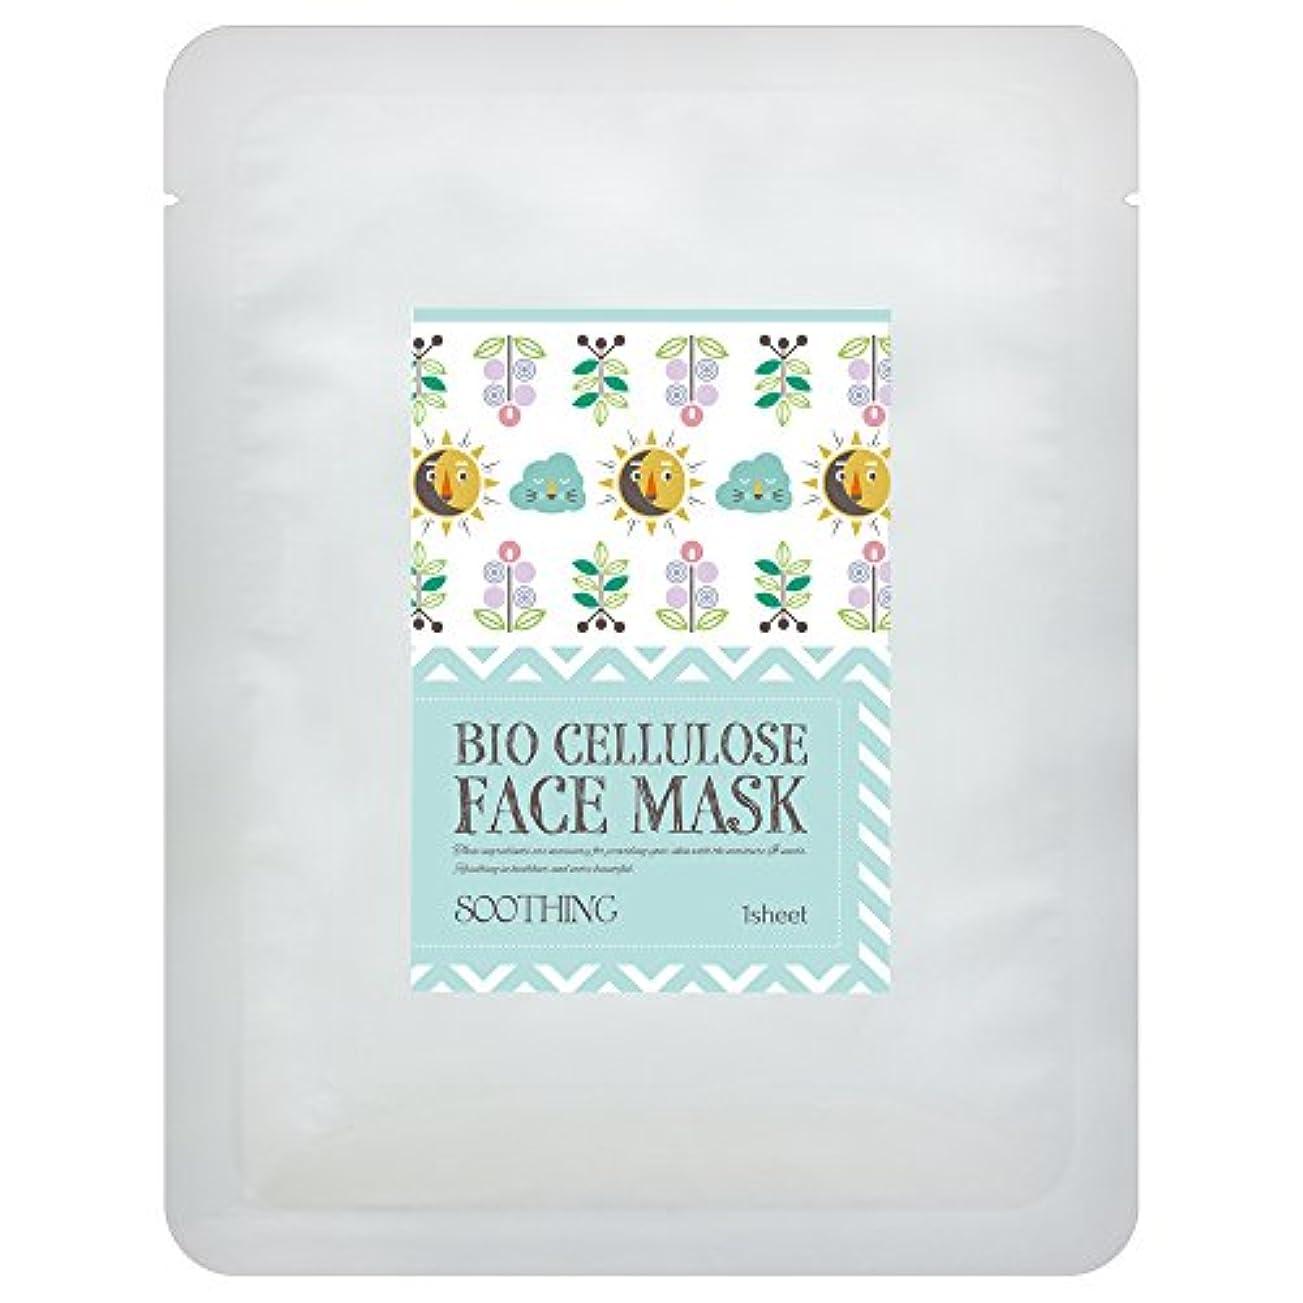 脅迫調和のとれた節約日本製バイオセルロース フェイスマスク SOOTHING(引き締め) 1枚